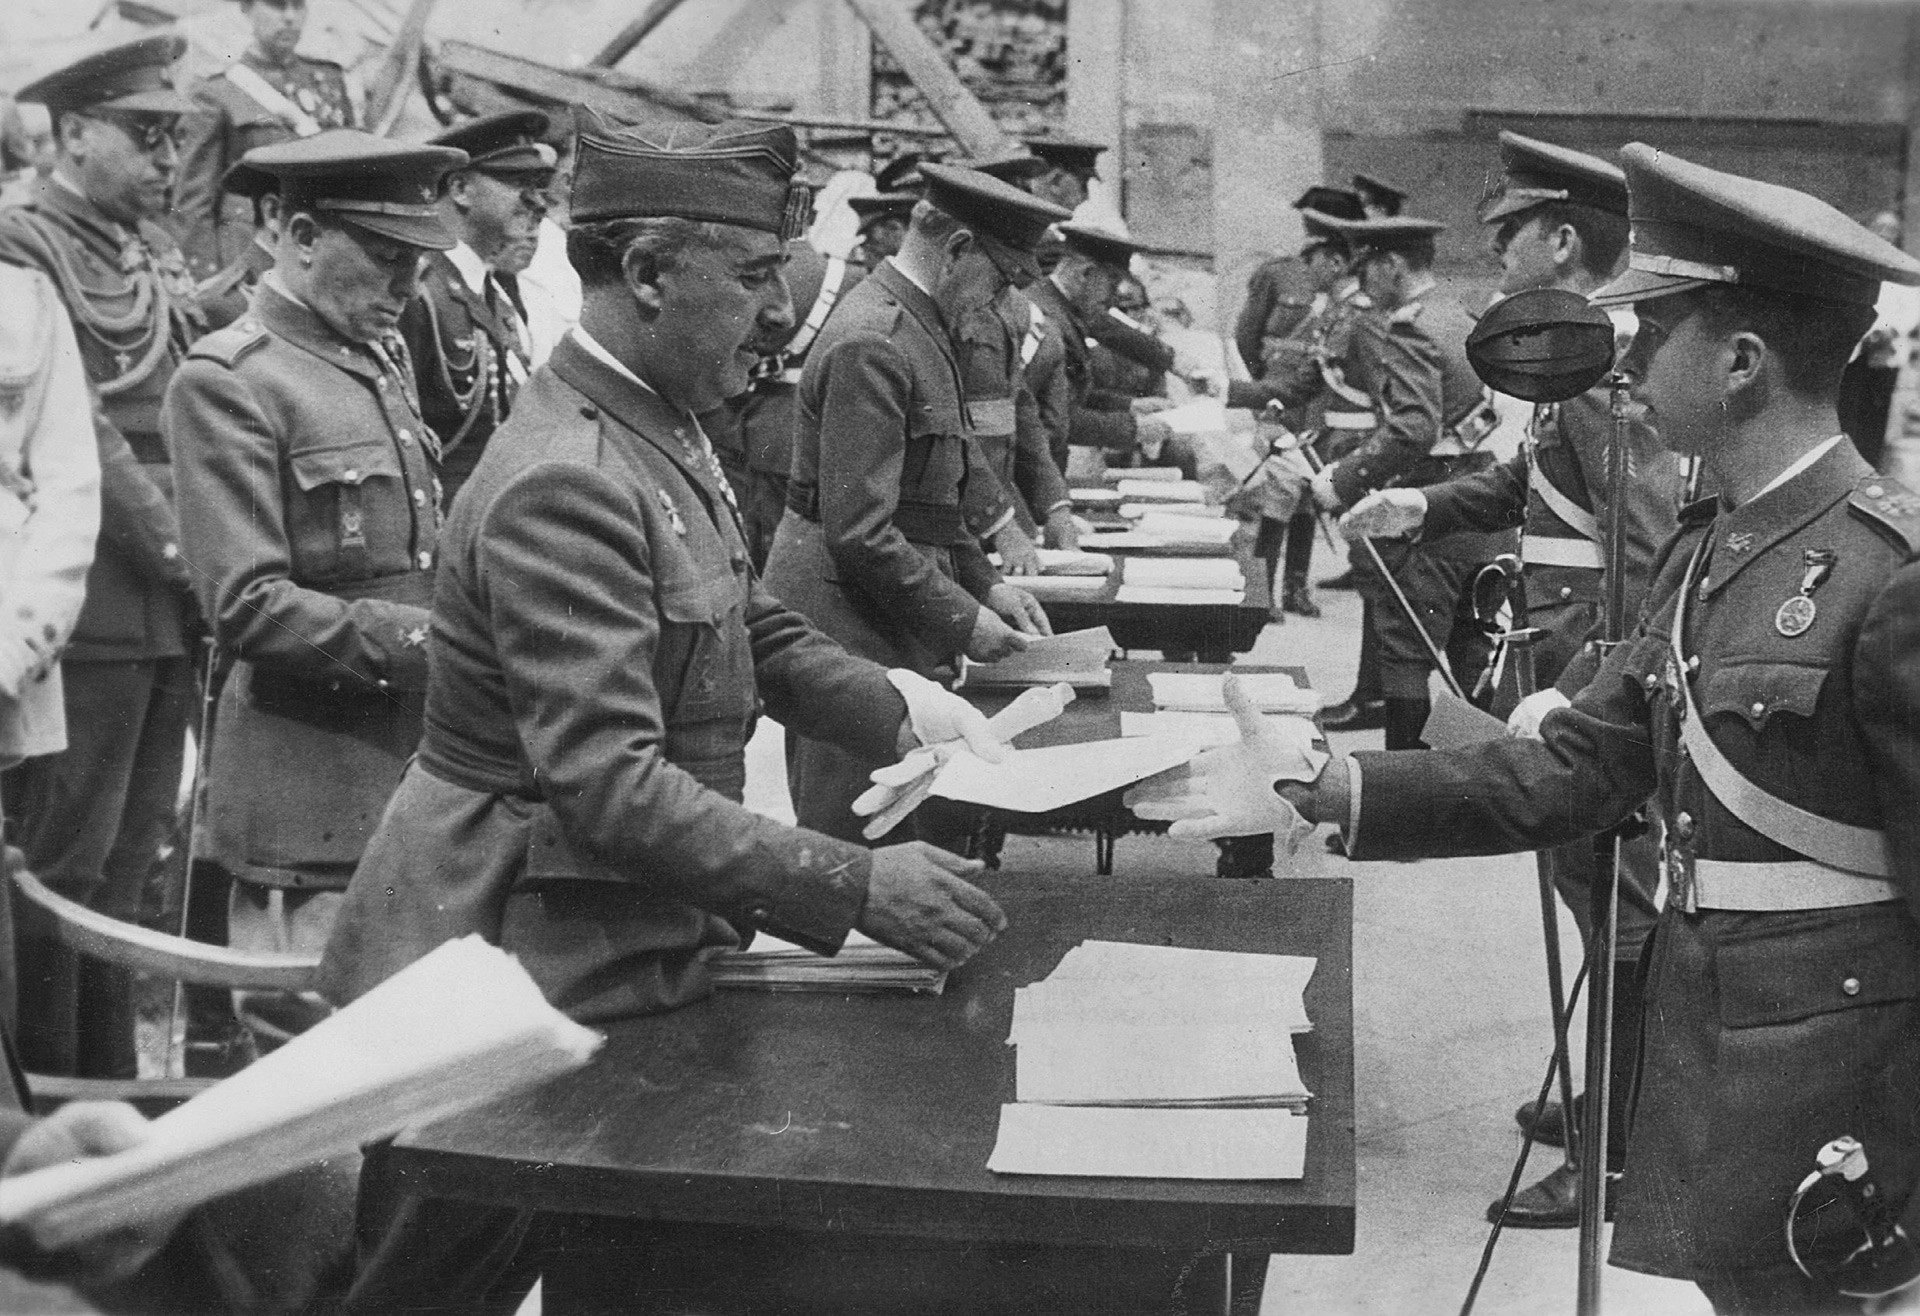 Francisco Franco podeljuje priznanja svojim oficirjem.